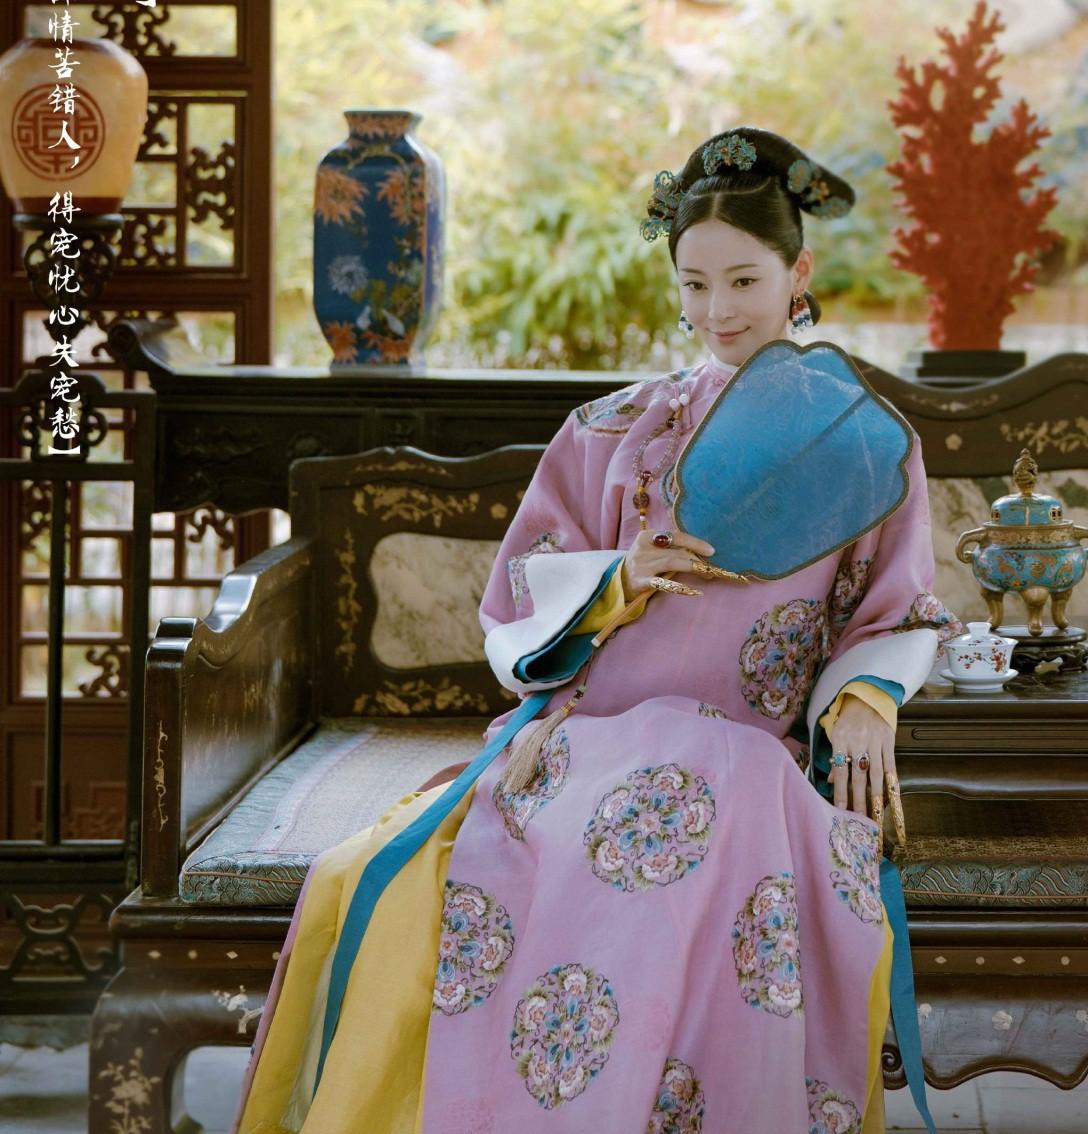 Nhan sắc cùng phong cách ngoài đời thực của 6 nàng Phi tần trong phim Diên hi công lược - Ảnh 19.